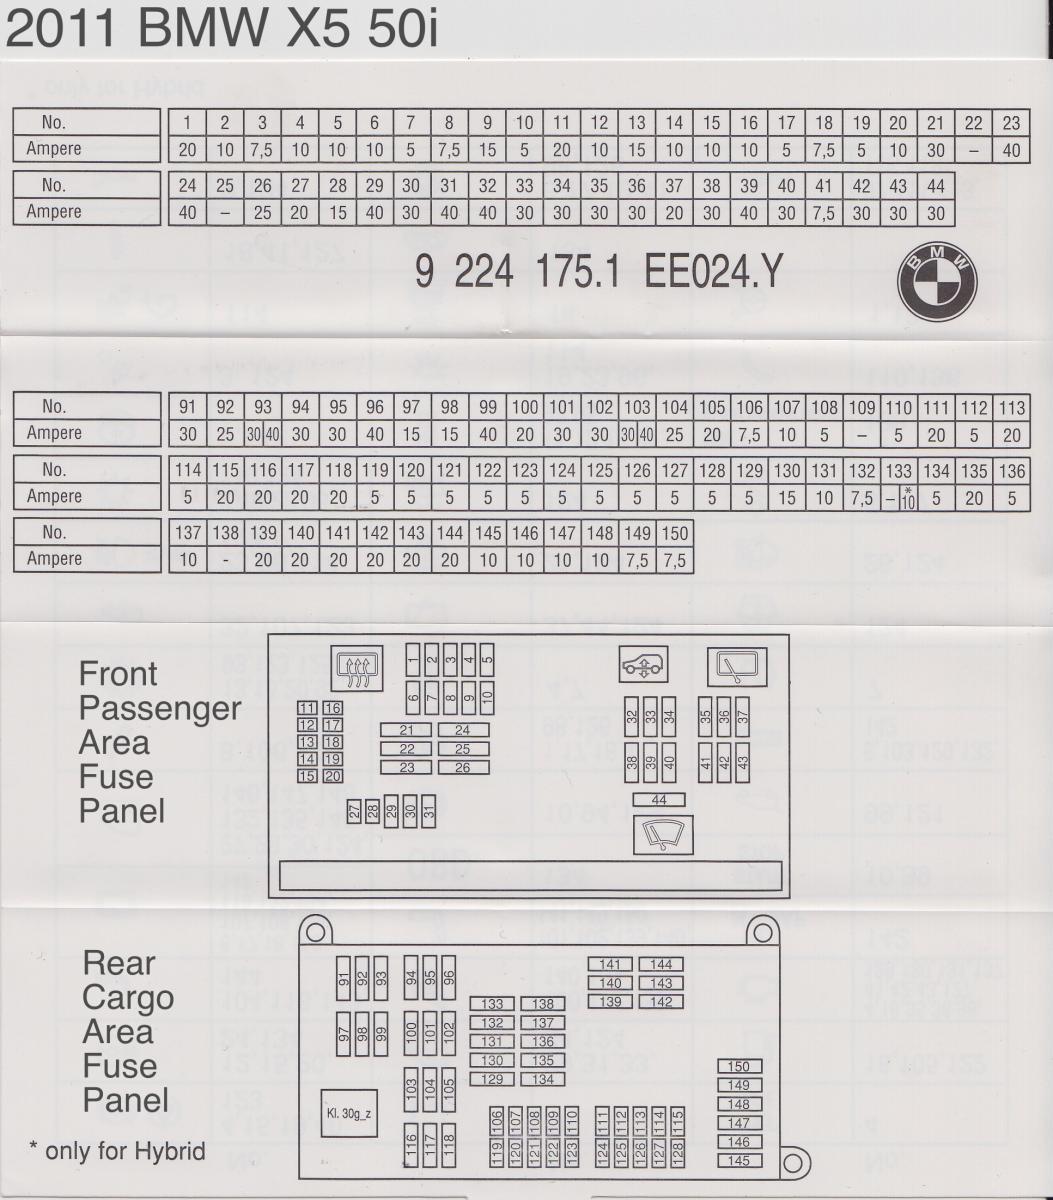 2000 Bmw X5 Fuse Box Diagram Wiring Diagram Edition A Edition A Bowlingronta It